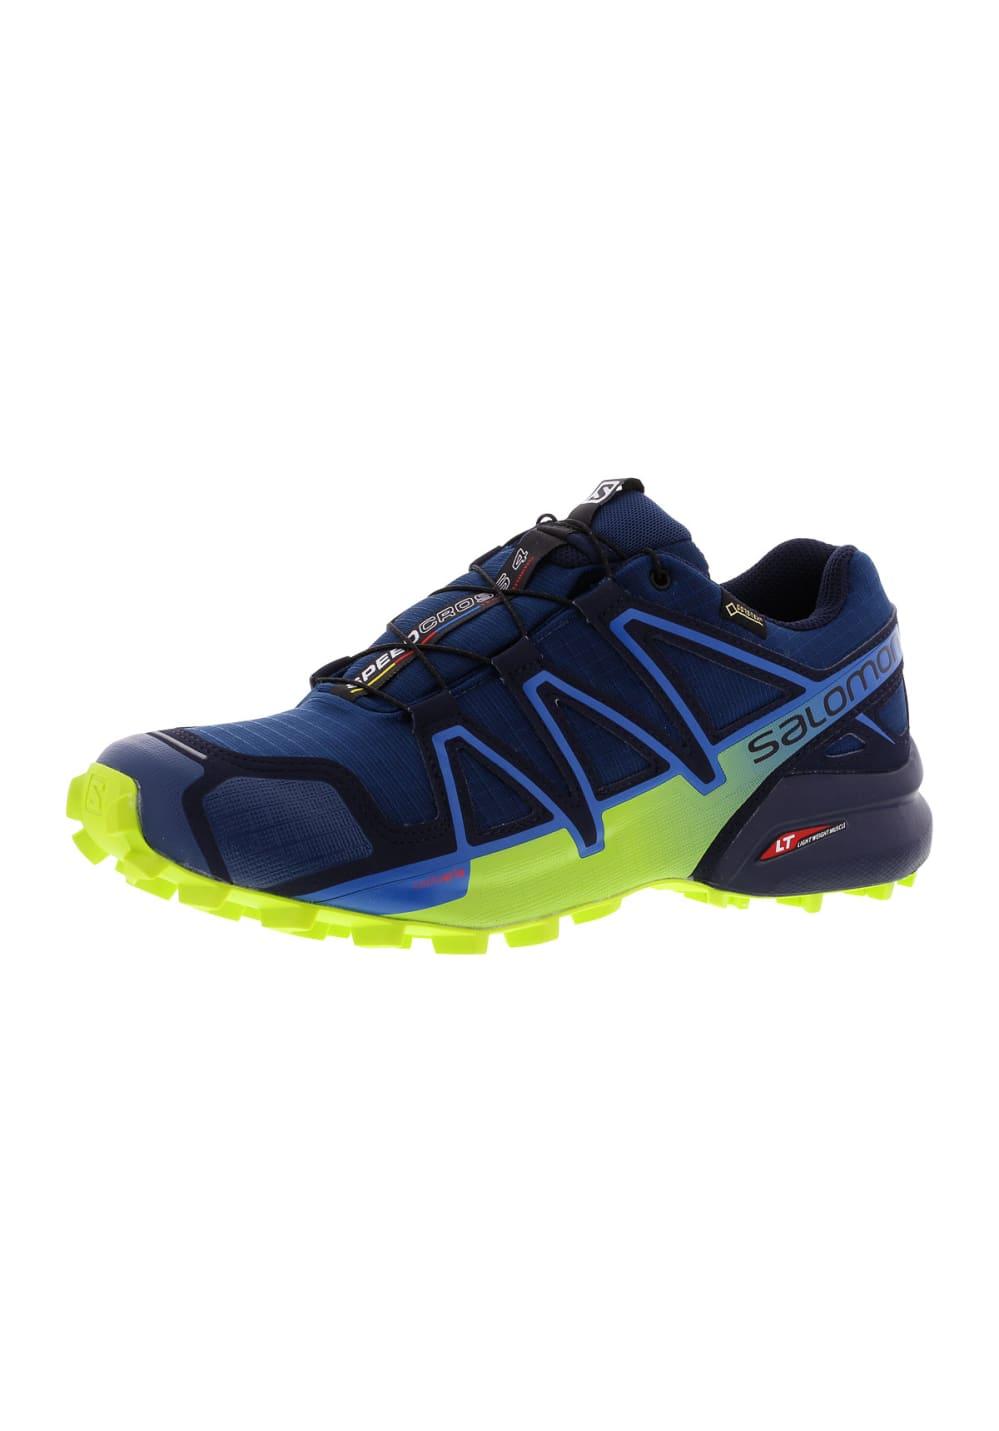 chaussures de sport 07c42 af464 Salomon Speedcross 4 GTX - Running shoes for Men - Blue